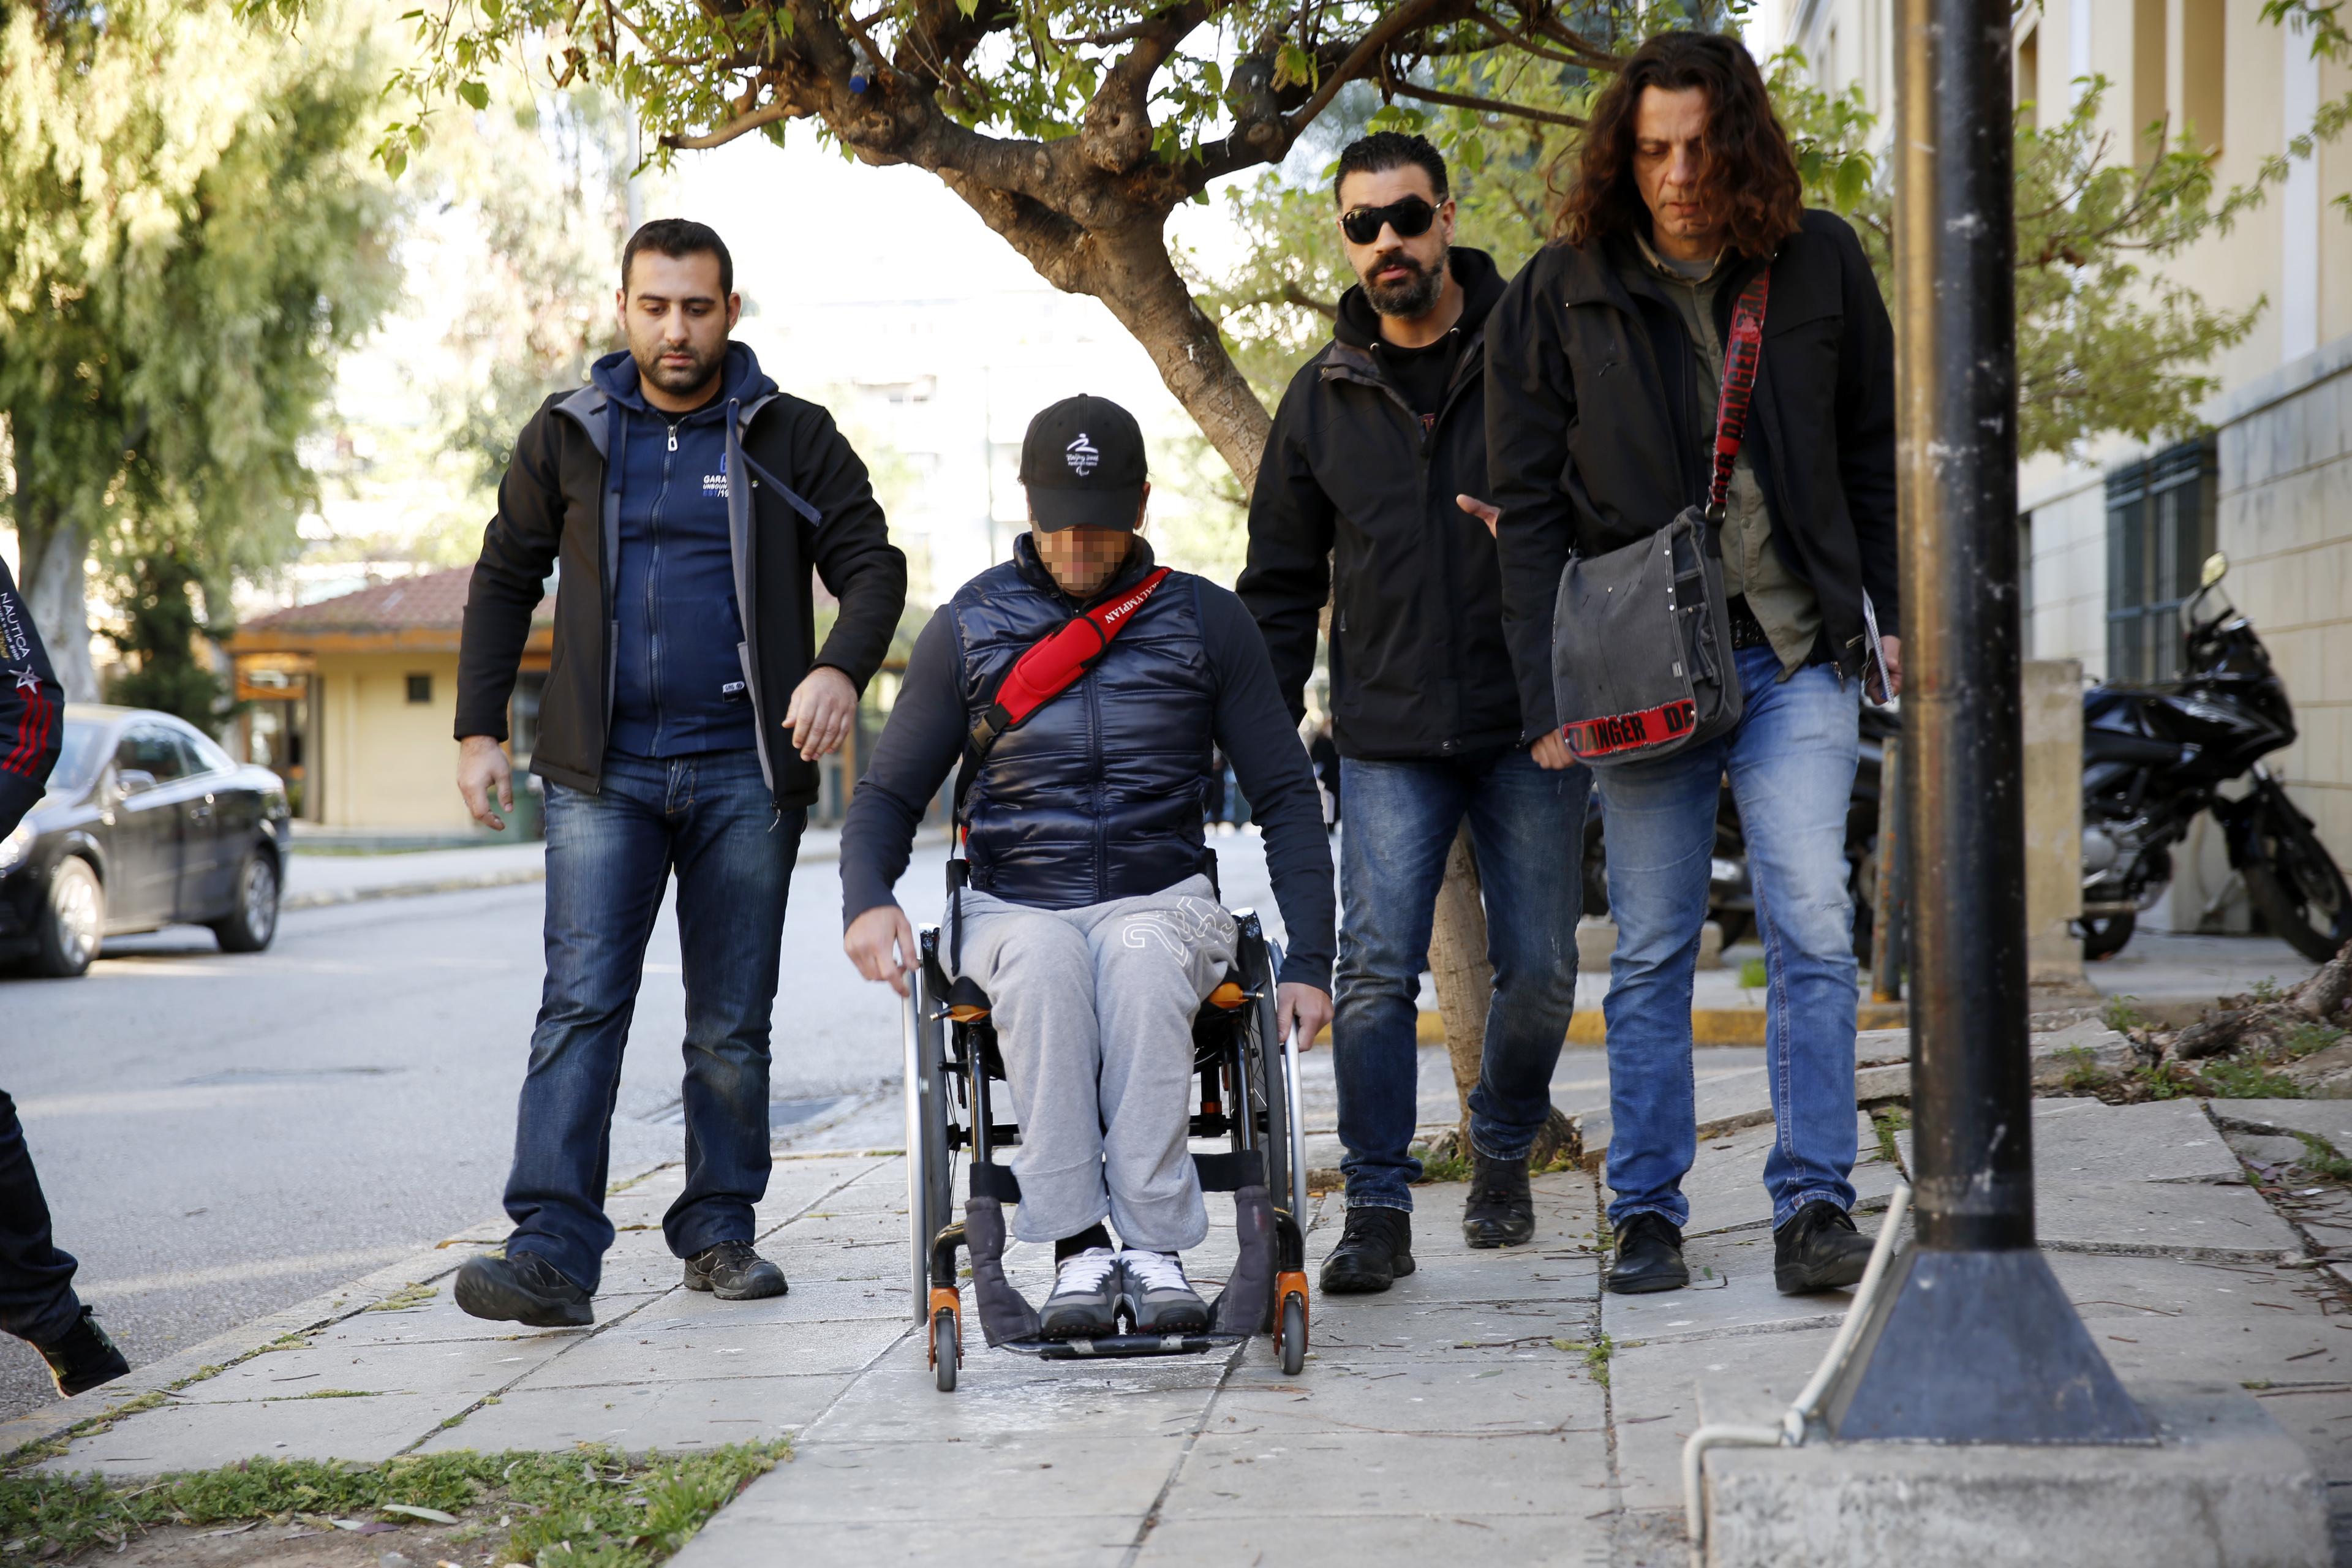 Η απολογία του παραολυμπιονίκη που δολοφόνησε τον ξενοδόχο | tovima.gr